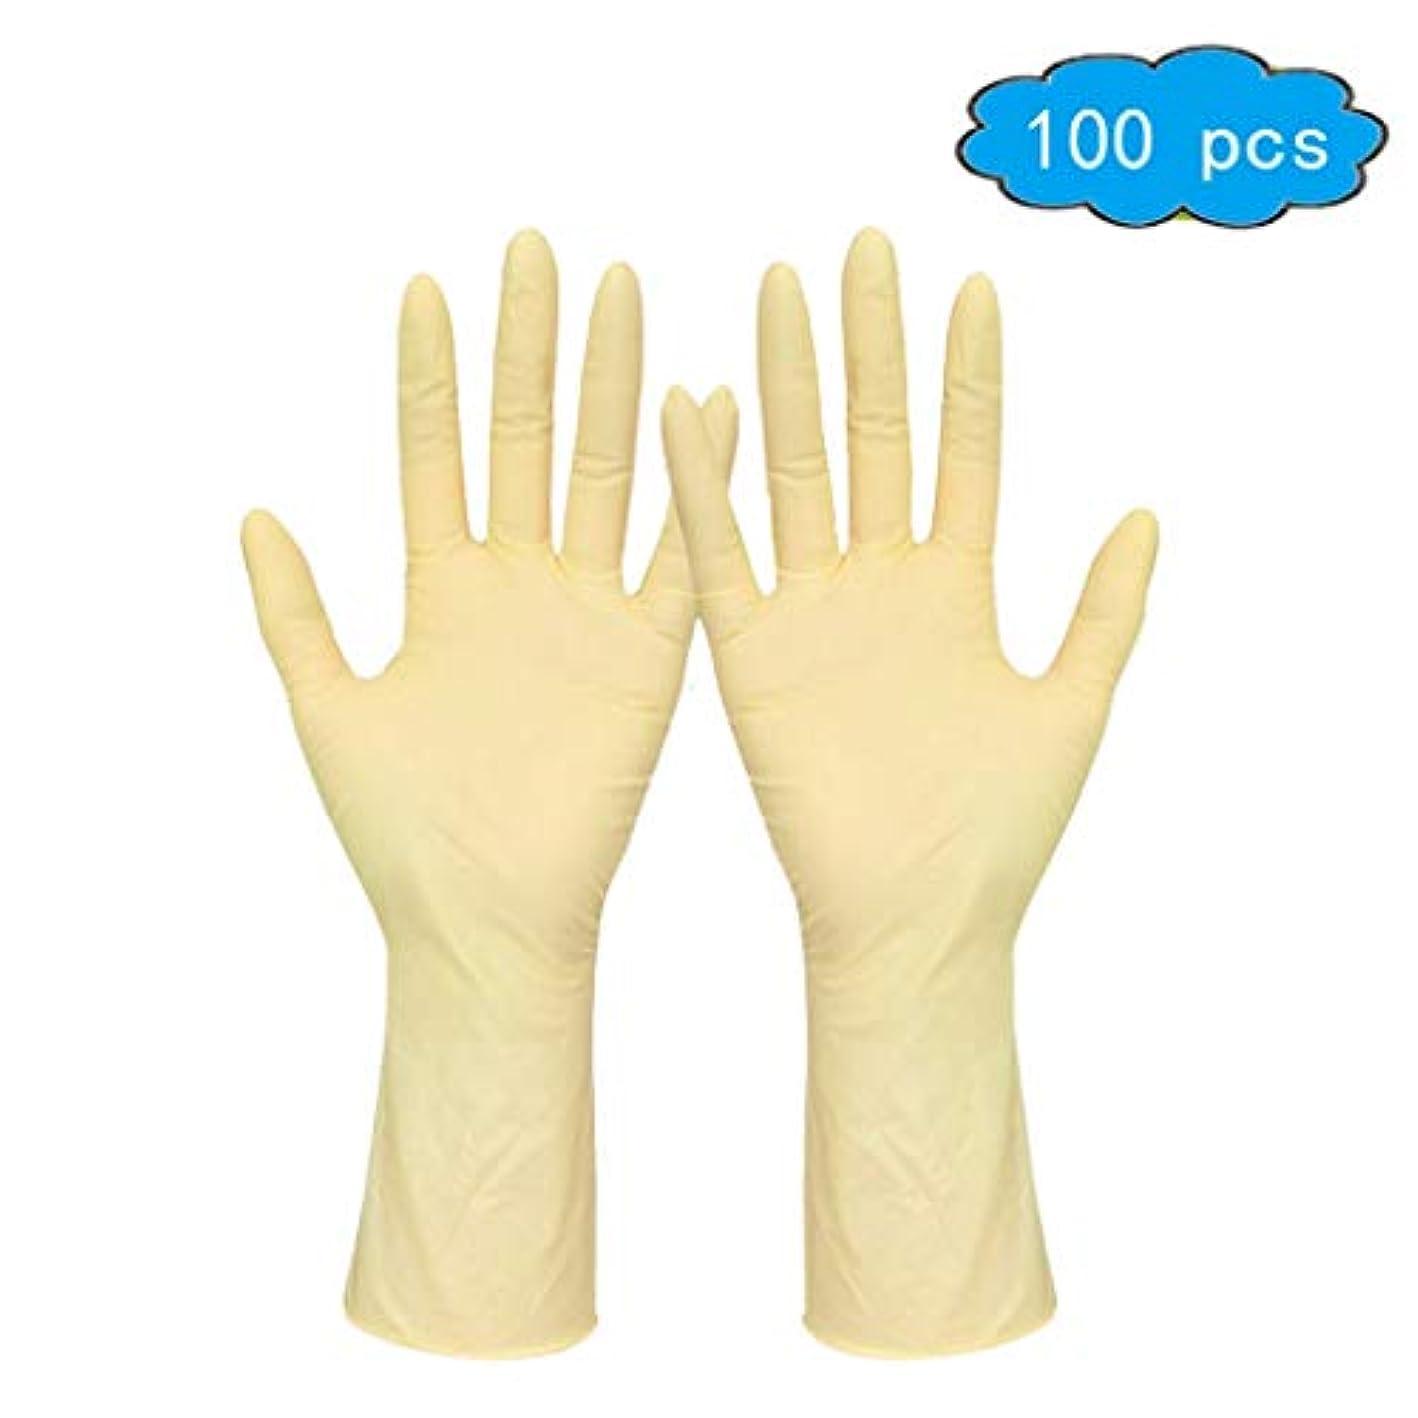 アピール適用する植生精製チェックラテックス手袋 - パウダーフリー、100の非滅菌、大、ボックス (Color : Beige, Size : S)